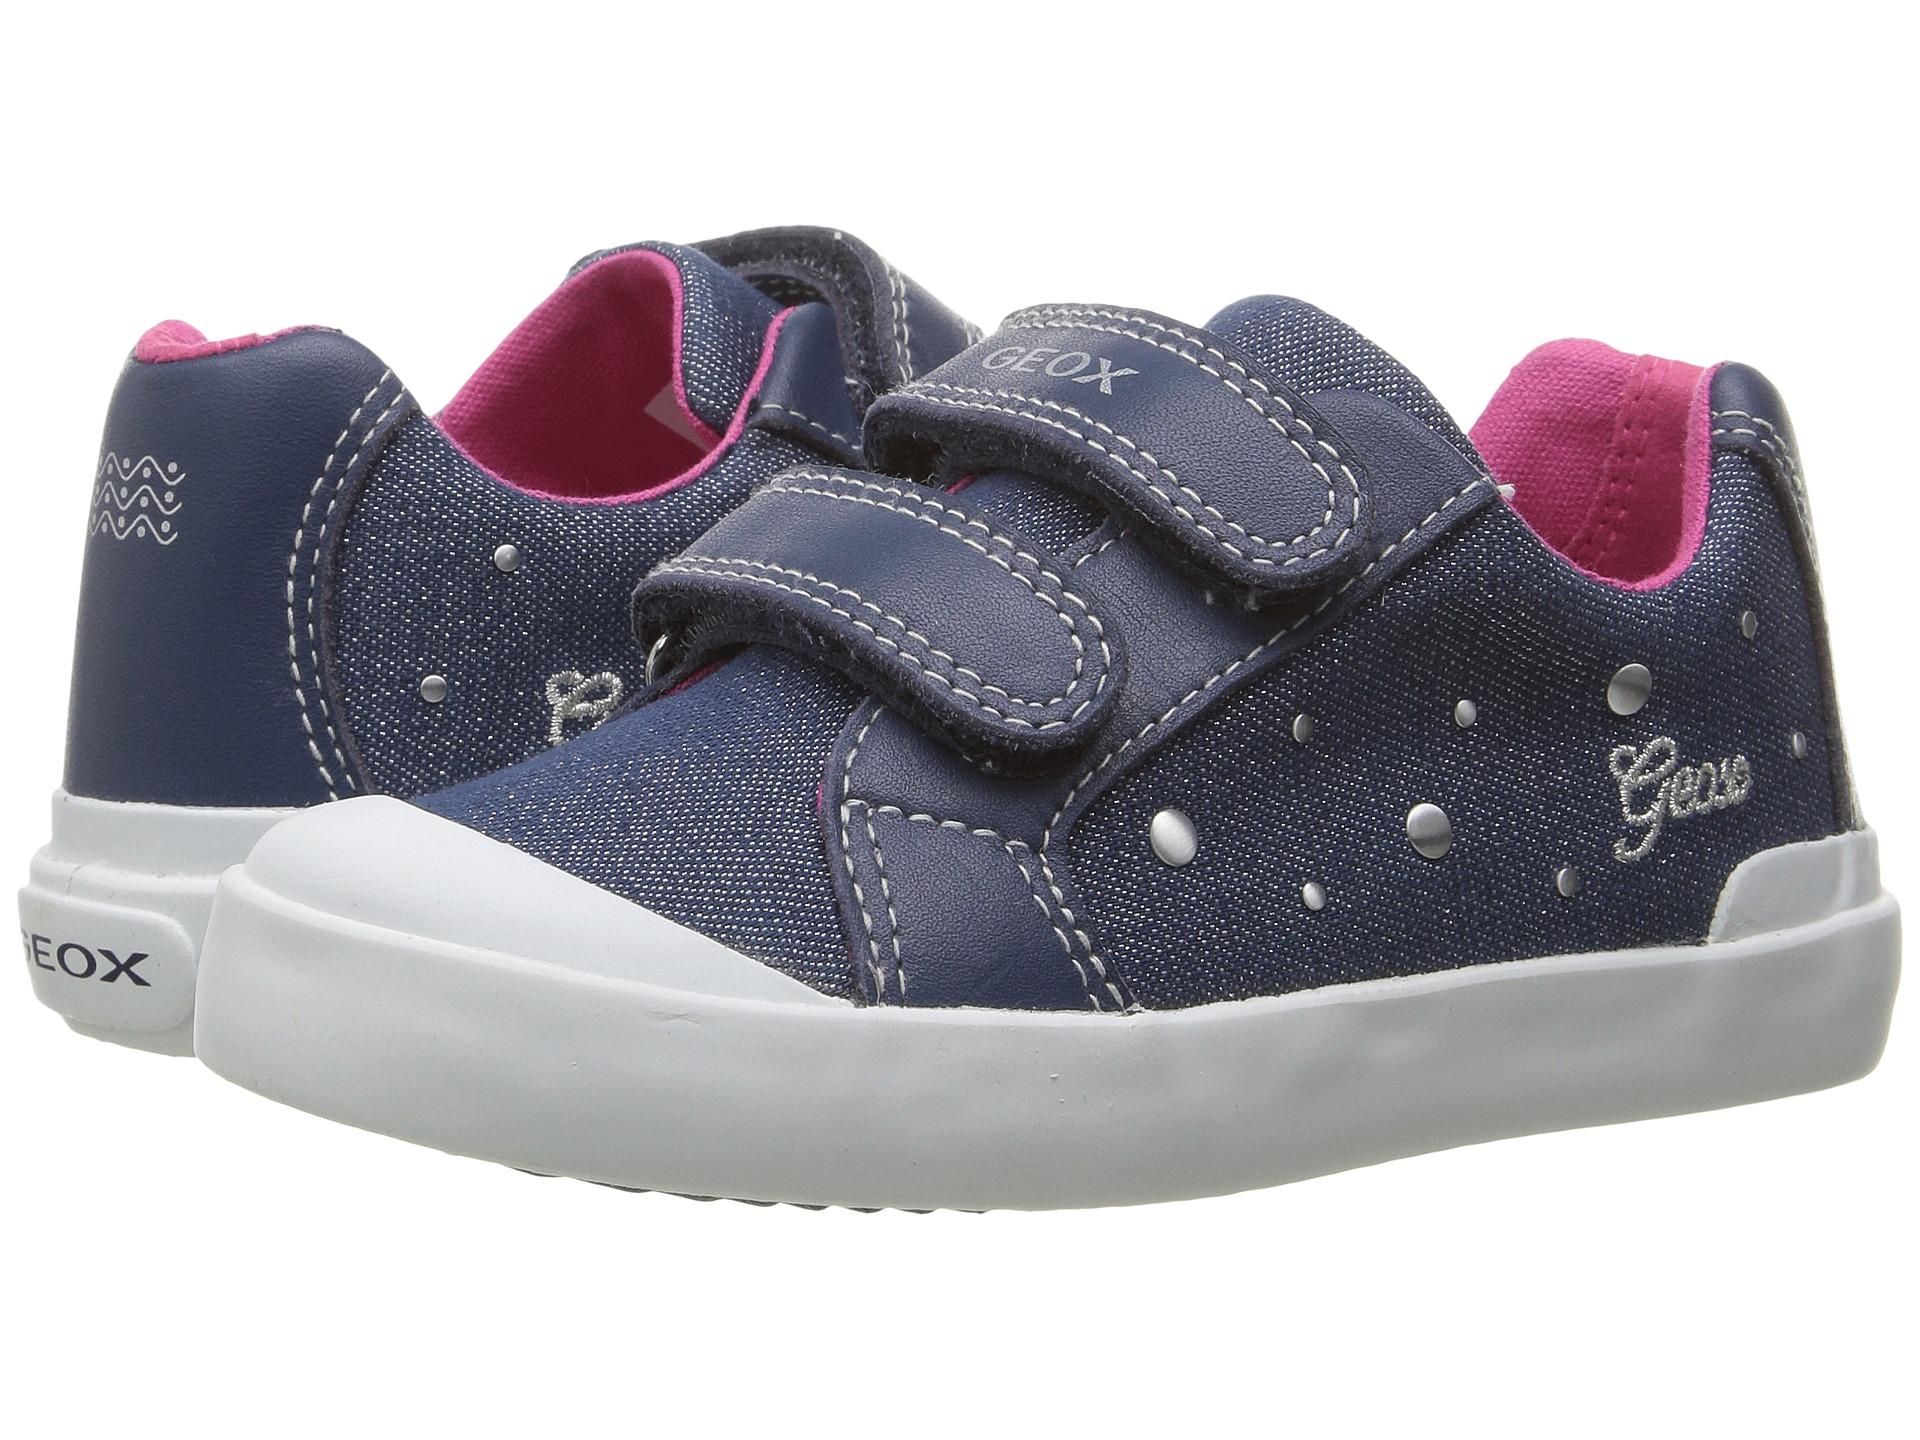 Geox Kids Jr Kiwi Girl 84 Toddler Zappos Free